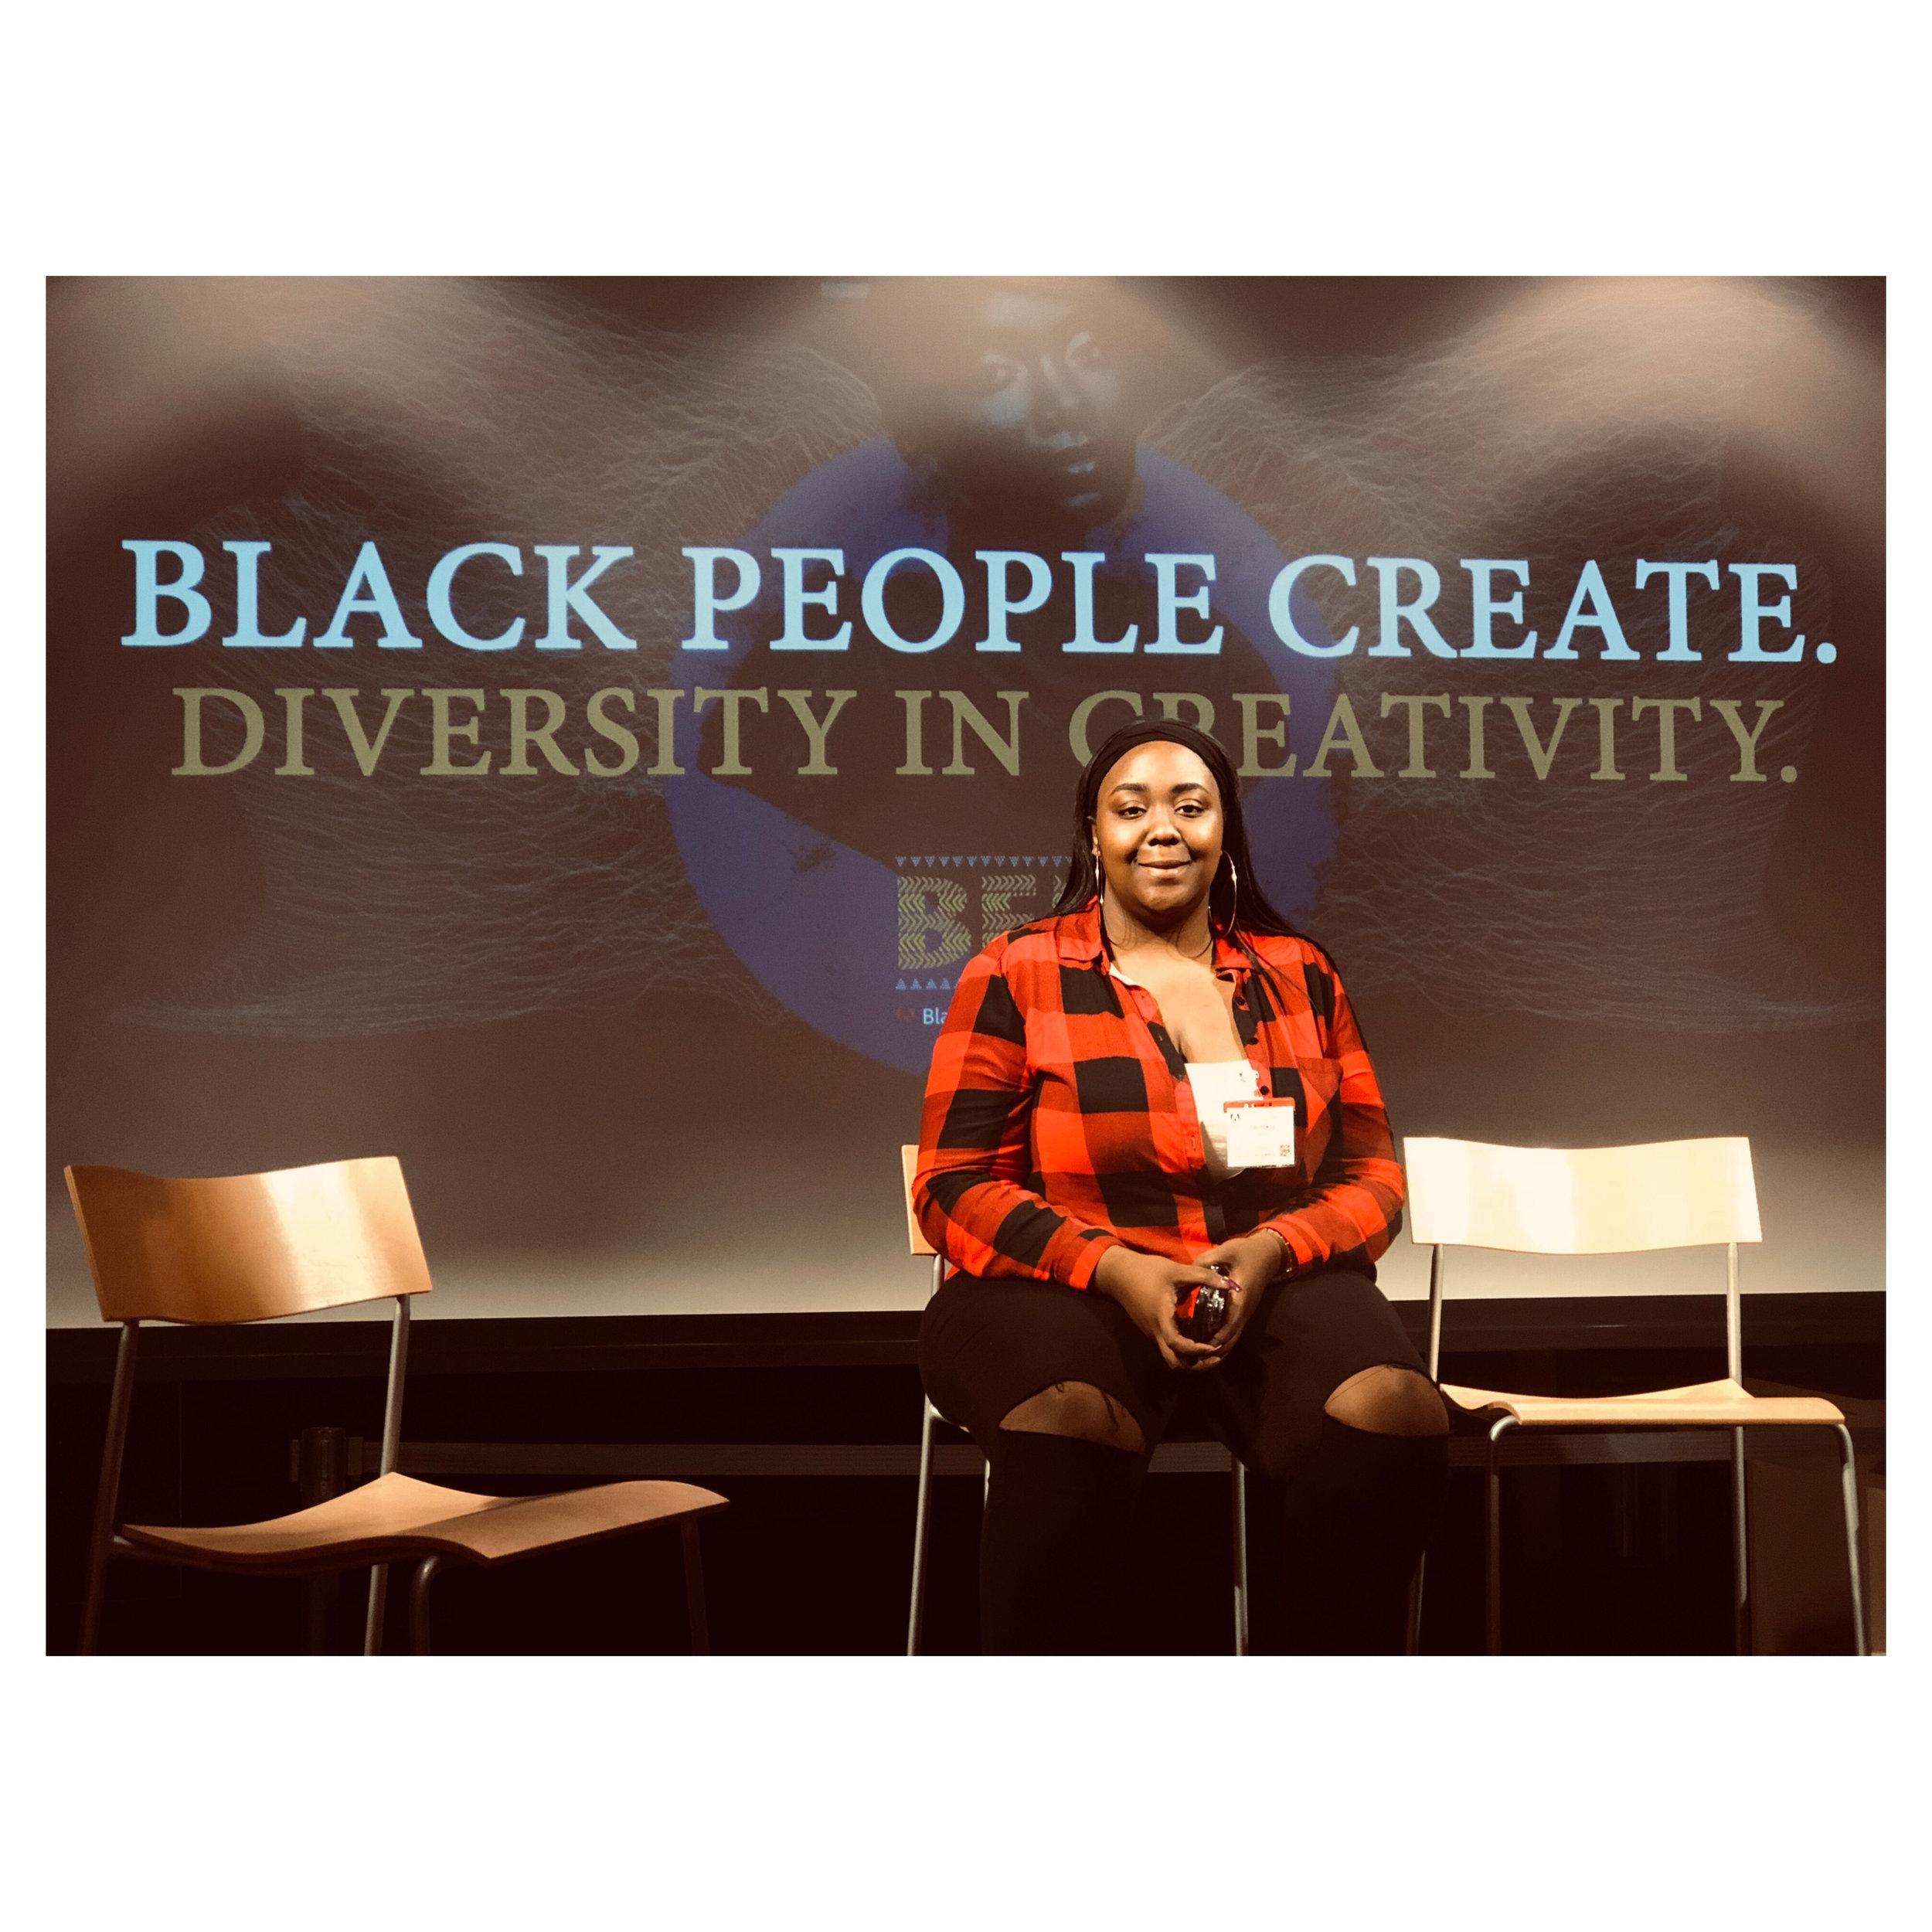 RYSE Video Production Coordinator speaks at Adobe's Black People Create